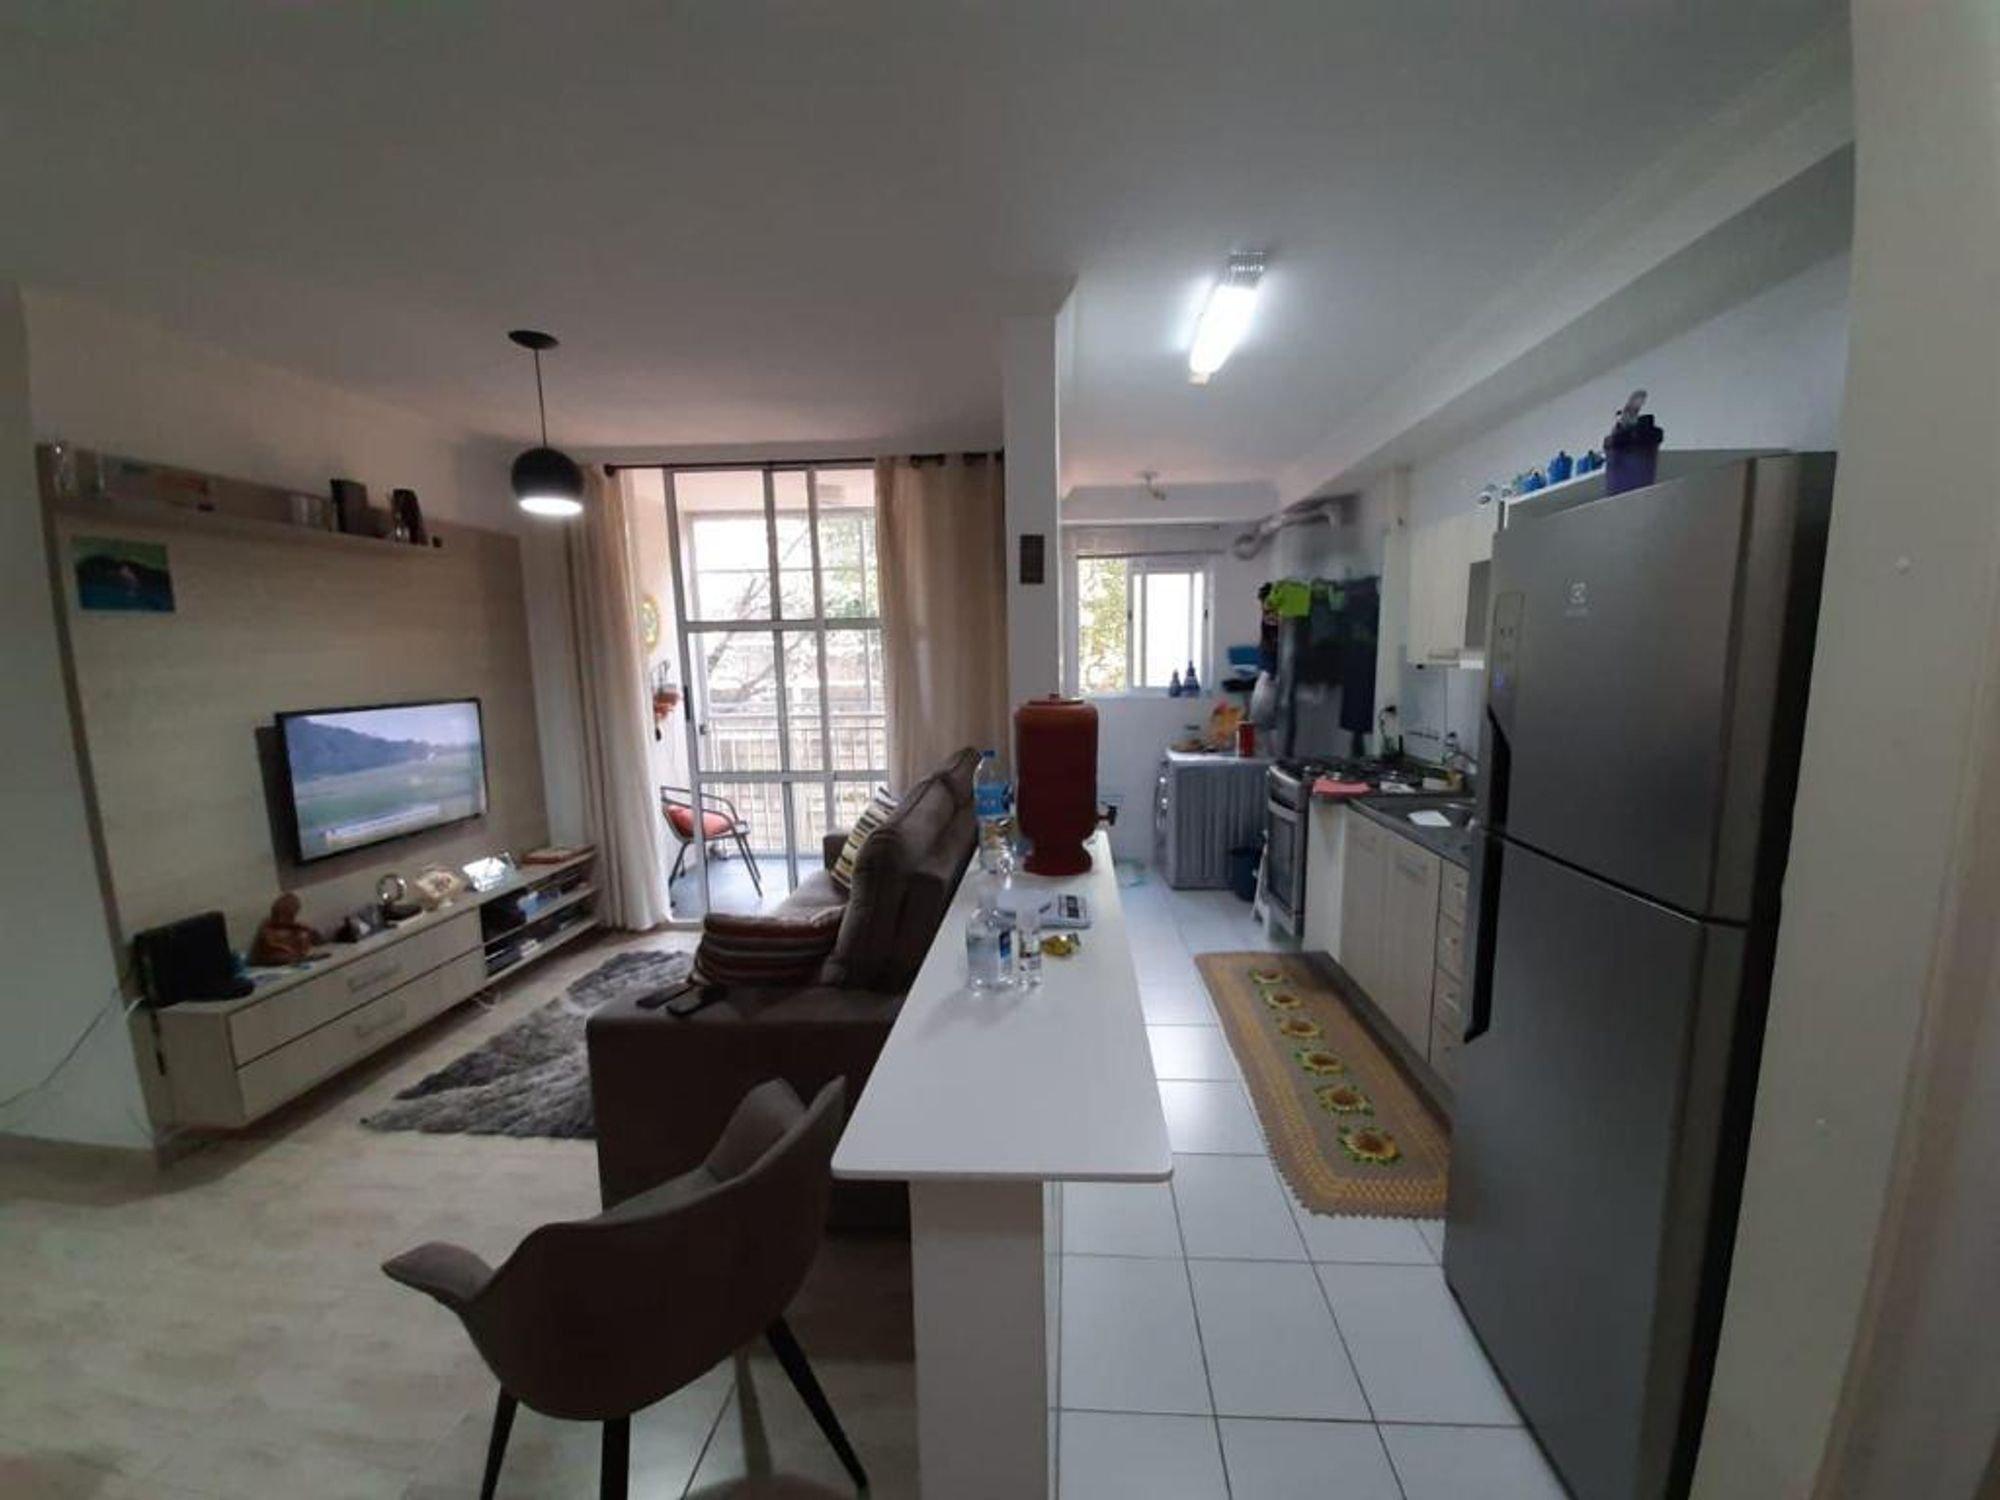 Foto de Sala com geladeira, televisão, cadeira